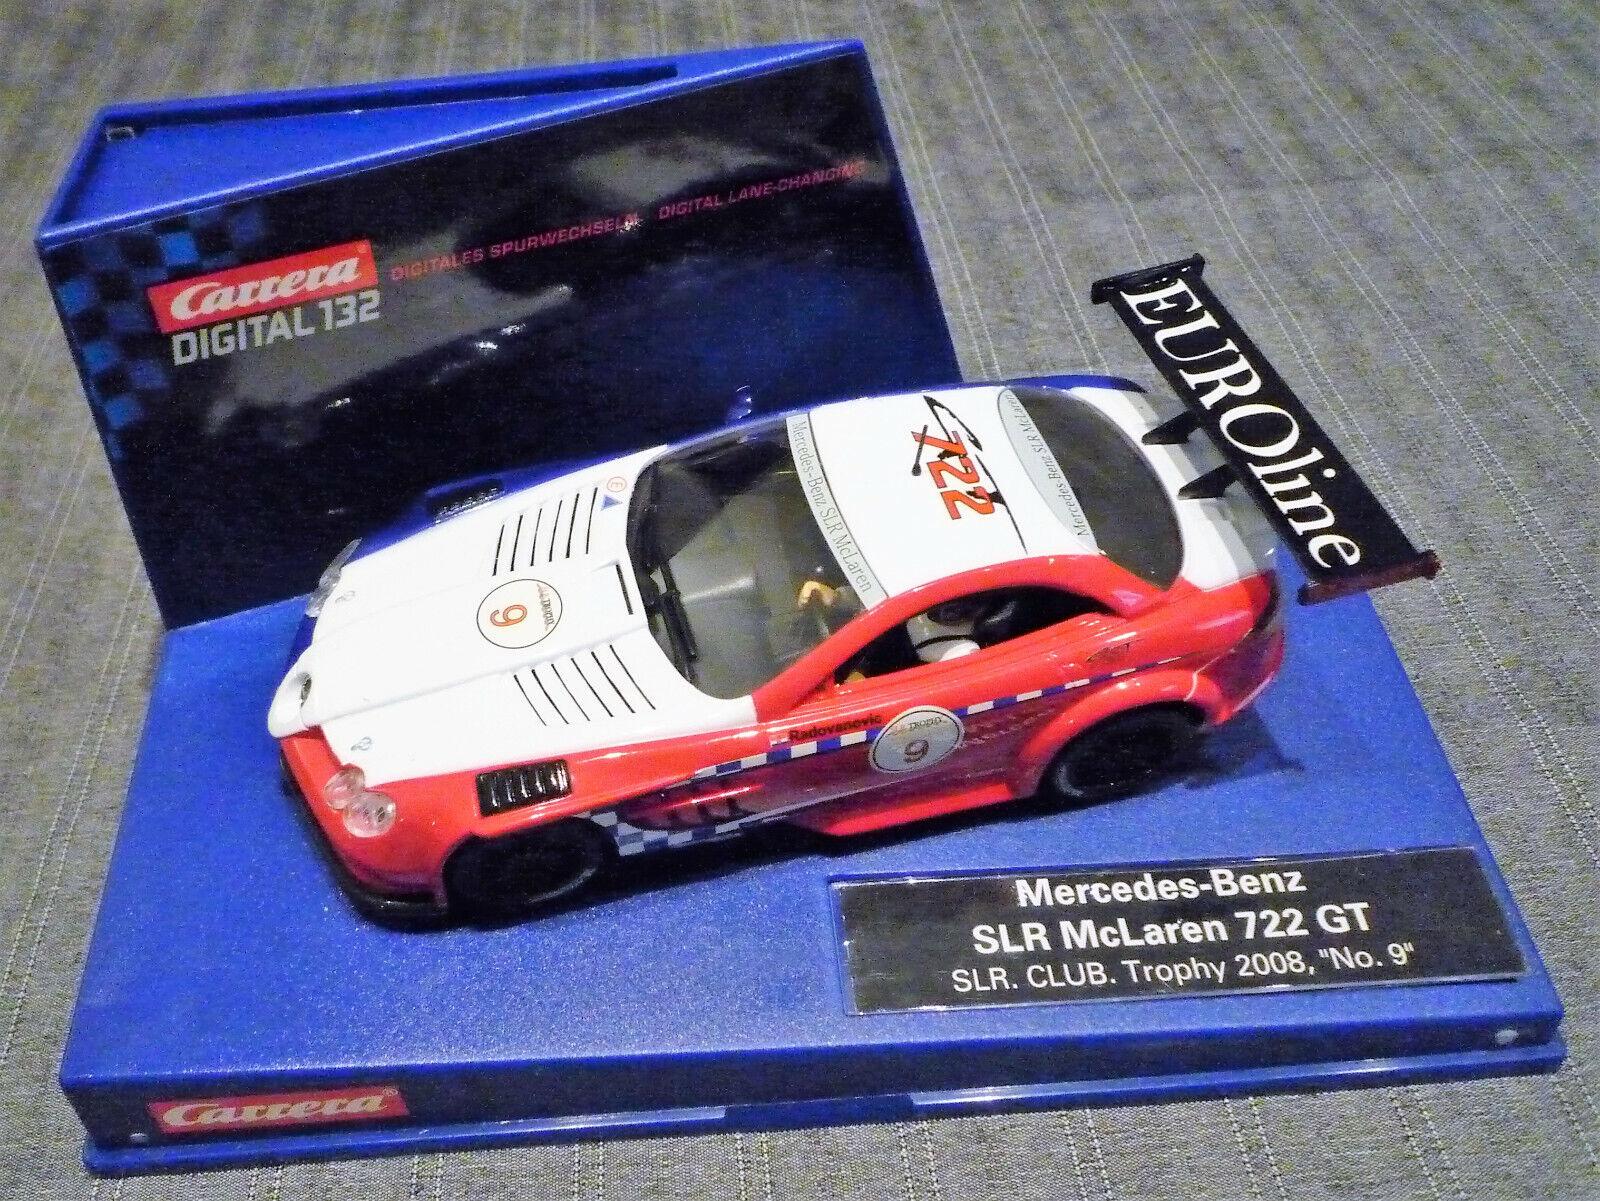 Carrera Digital 132 - Mercedes-Benz SLR McLaren 722GT - SLR CLUB Trophy 2008 No9